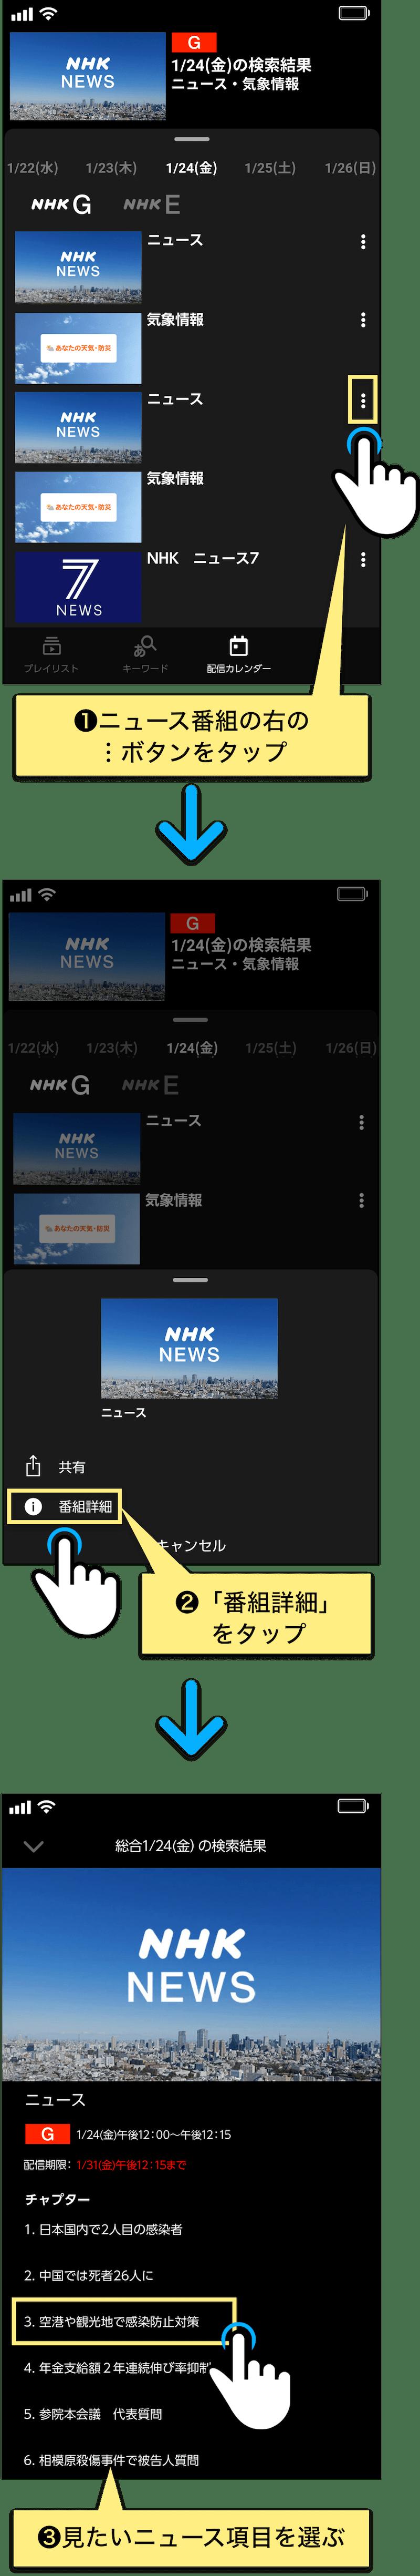 チャンネル nhk の 見方 サブ